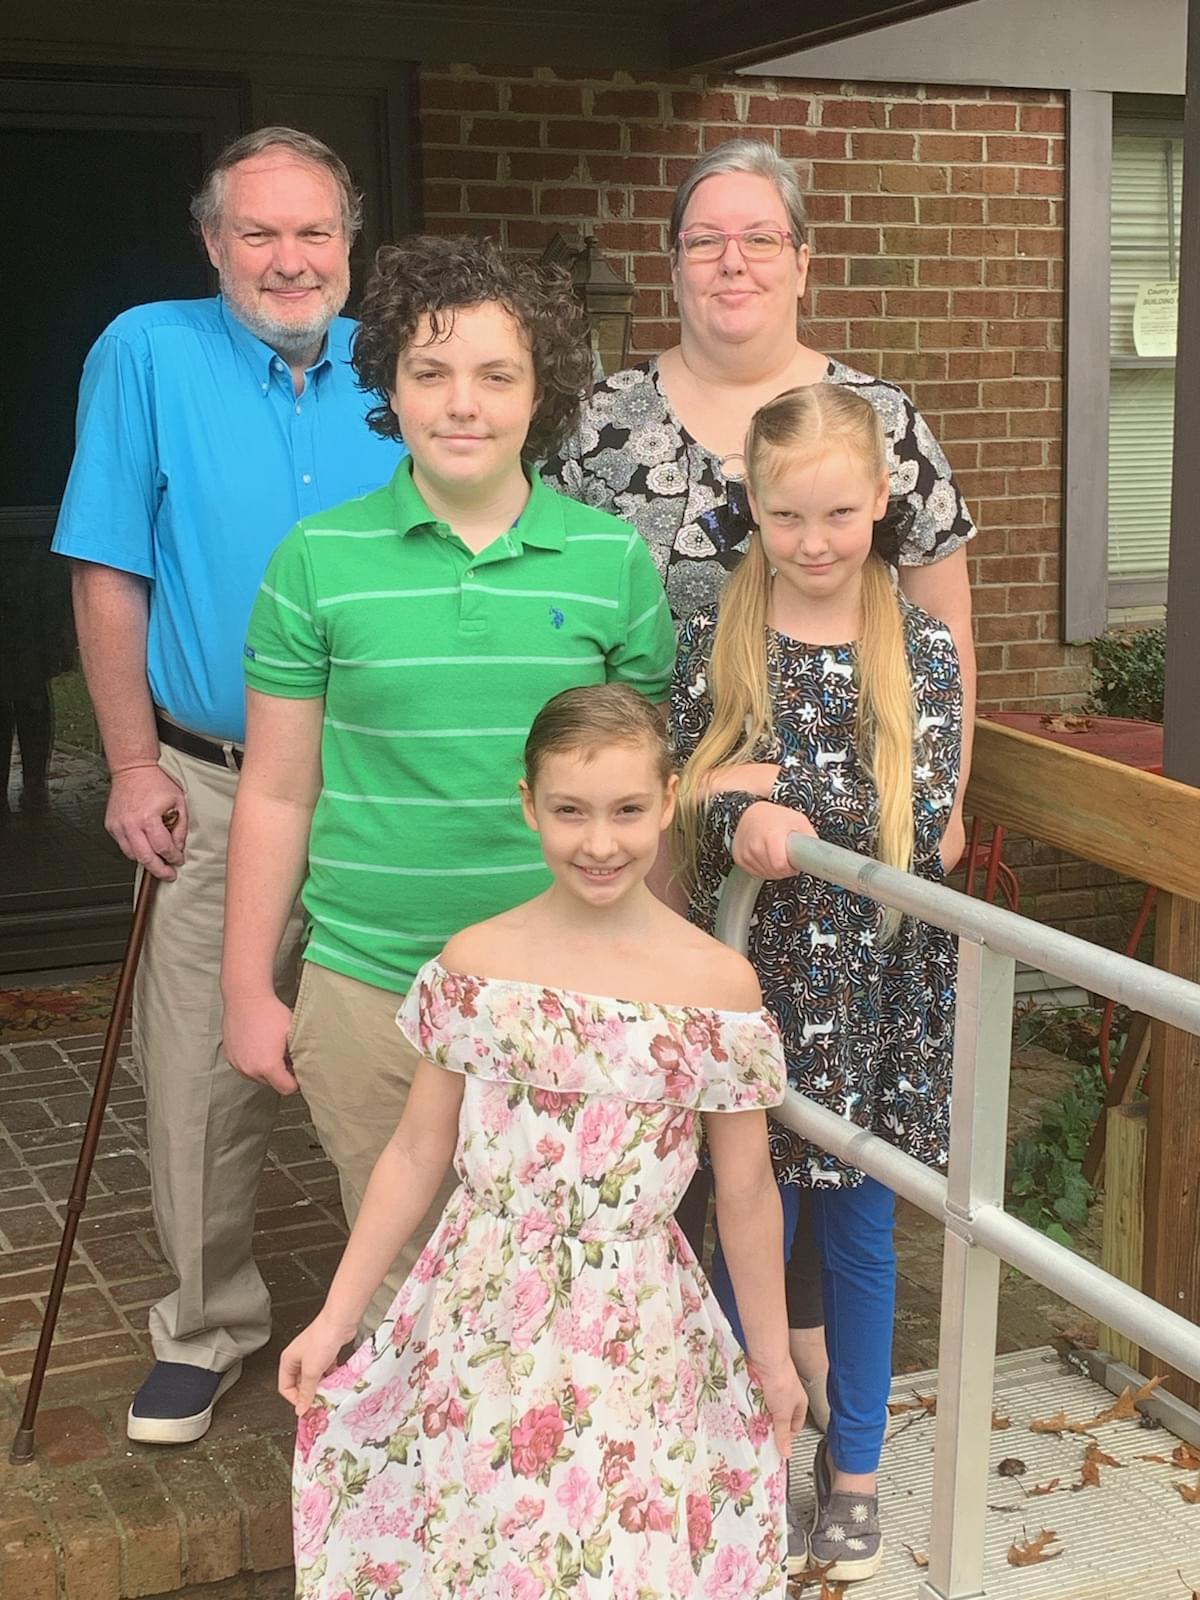 Church Sponsors Fundraiser For Allison Family On Saturday